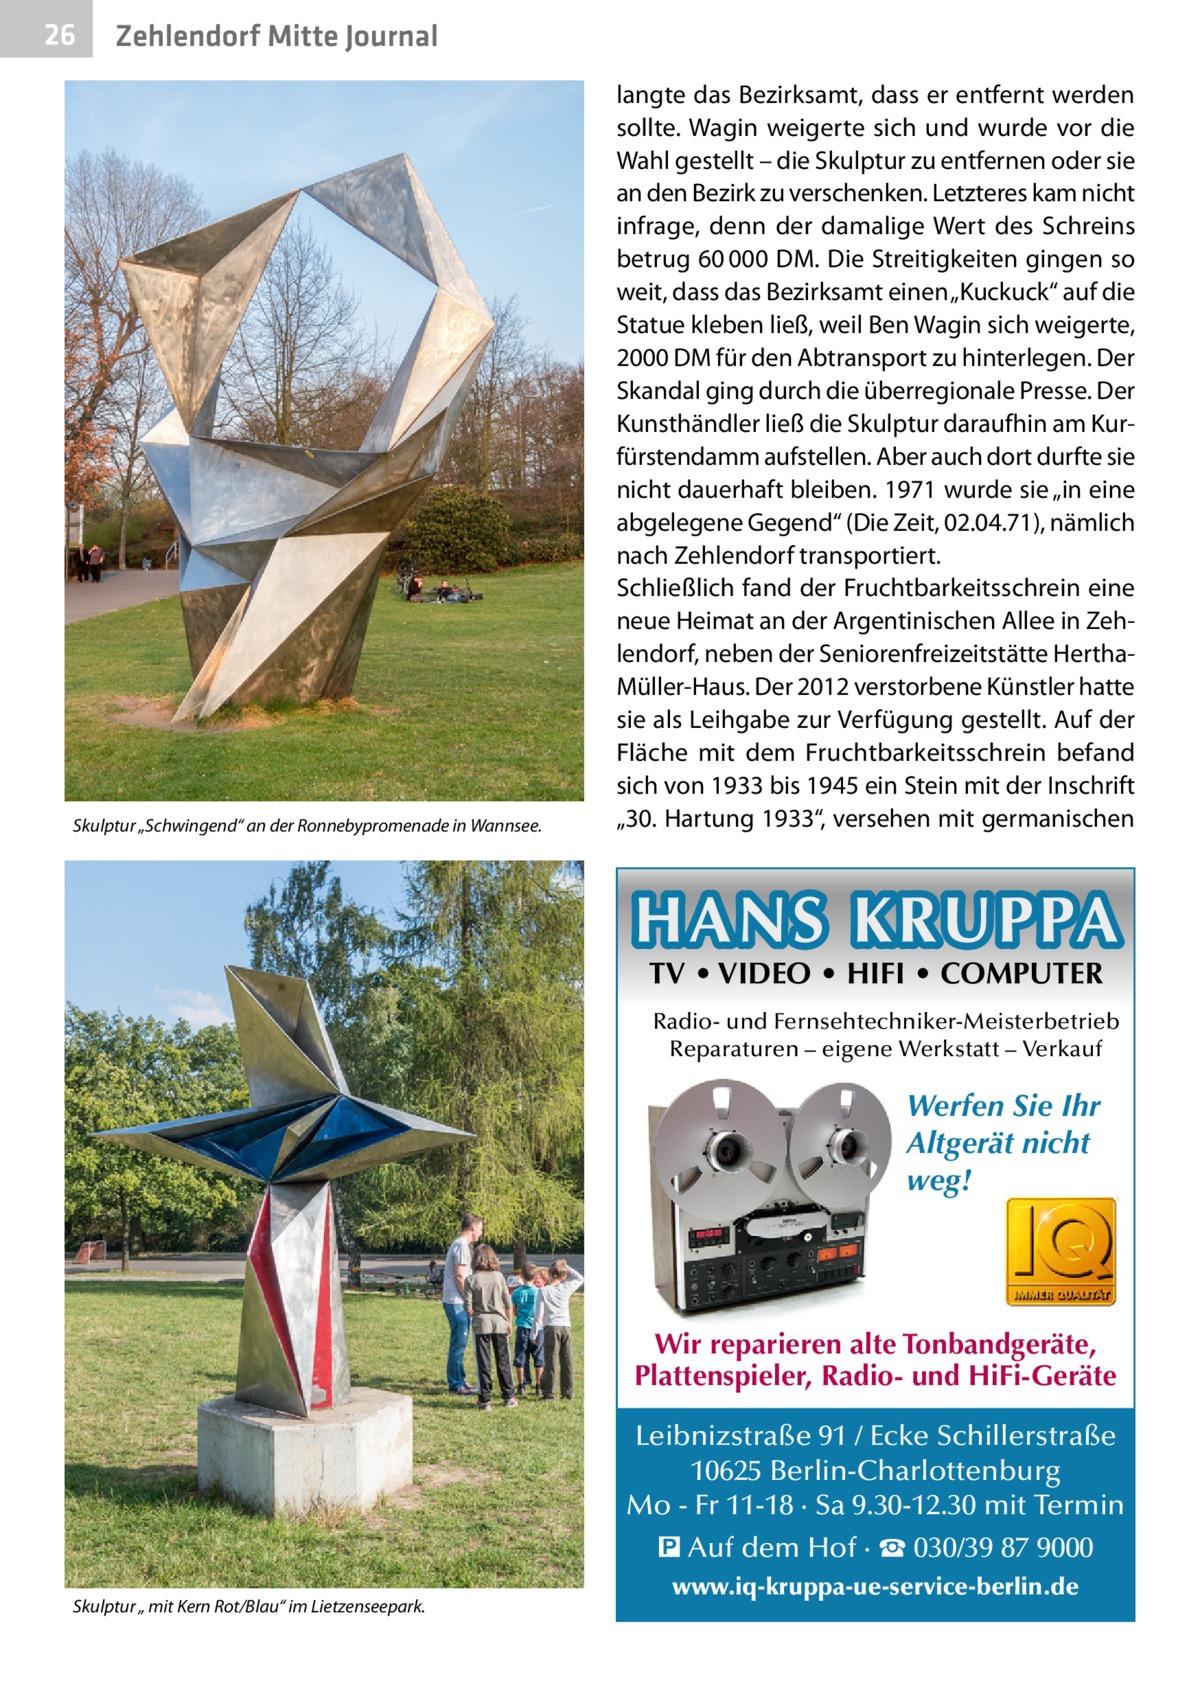 """26  Zehlendorf Mitte Journal  Skulptur """"Schwingend"""" an der Ronnebypromenade in Wannsee.  langte das Bezirksamt, dass er entfernt werden sollte. Wagin weigerte sich und wurde vor die Wahl gestellt – die Skulptur zu entfernen oder sie an den Bezirk zu verschenken. Letzteres kam nicht infrage, denn der damalige Wert des Schreins betrug 60000DM. Die Streitigkeiten gingen so weit, dass das Bezirksamt einen """"Kuckuck"""" auf die Statue kleben ließ, weil Ben Wagin sich weigerte, 2000DM für den Abtransport zu hinterlegen. Der Skandal ging durch die überregionale Presse. Der Kunsthändler ließ die Skulptur daraufhin am Kurfürstendamm aufstellen. Aber auch dort durfte sie nicht dauerhaft bleiben. 1971 wurde sie """"in eine abgelegene Gegend"""" (Die Zeit, 02.04.71), nämlich nach Zehlendorf transportiert. Schließlich fand der Fruchtbarkeitsschrein eine neue Heimat an der Argentinischen Allee in Zehlendorf, neben der Seniorenfreizeitstätte HerthaMüller-Haus. Der 2012 verstorbene Künstler hatte sie als Leihgabe zur Verfügung gestellt. Auf der Fläche mit dem Fruchtbarkeitsschrein befand sich von 1933 bis 1945 ein Stein mit der Inschrift """"30.Hartung 1933"""", versehen mit germanischen  HANS KRUPPA TV • VIDEO • HIFI • COMPUTER  Radio- und Fernsehtechniker-Meisterbetrieb Reparaturen – eigene Werkstatt – Verkauf  Werfen Sie Ihr Altgerät nicht weg!  Wir reparieren alte Tonbandgeräte, Plattenspieler, Radio- und HiFi-Geräte Leibnizstraße 91 / Ecke Schillerstraße 10625 Berlin-Charlottenburg Mo - Fr 11-18 · Sa 9.30-12.30 mit Termin � Auf dem Hof · ☎ 030/39 87 9000 Skulptur """" mit Kern Rot/Blau"""" im Lietzenseepark.  www.iq-kruppa-ue-service-berlin.de"""